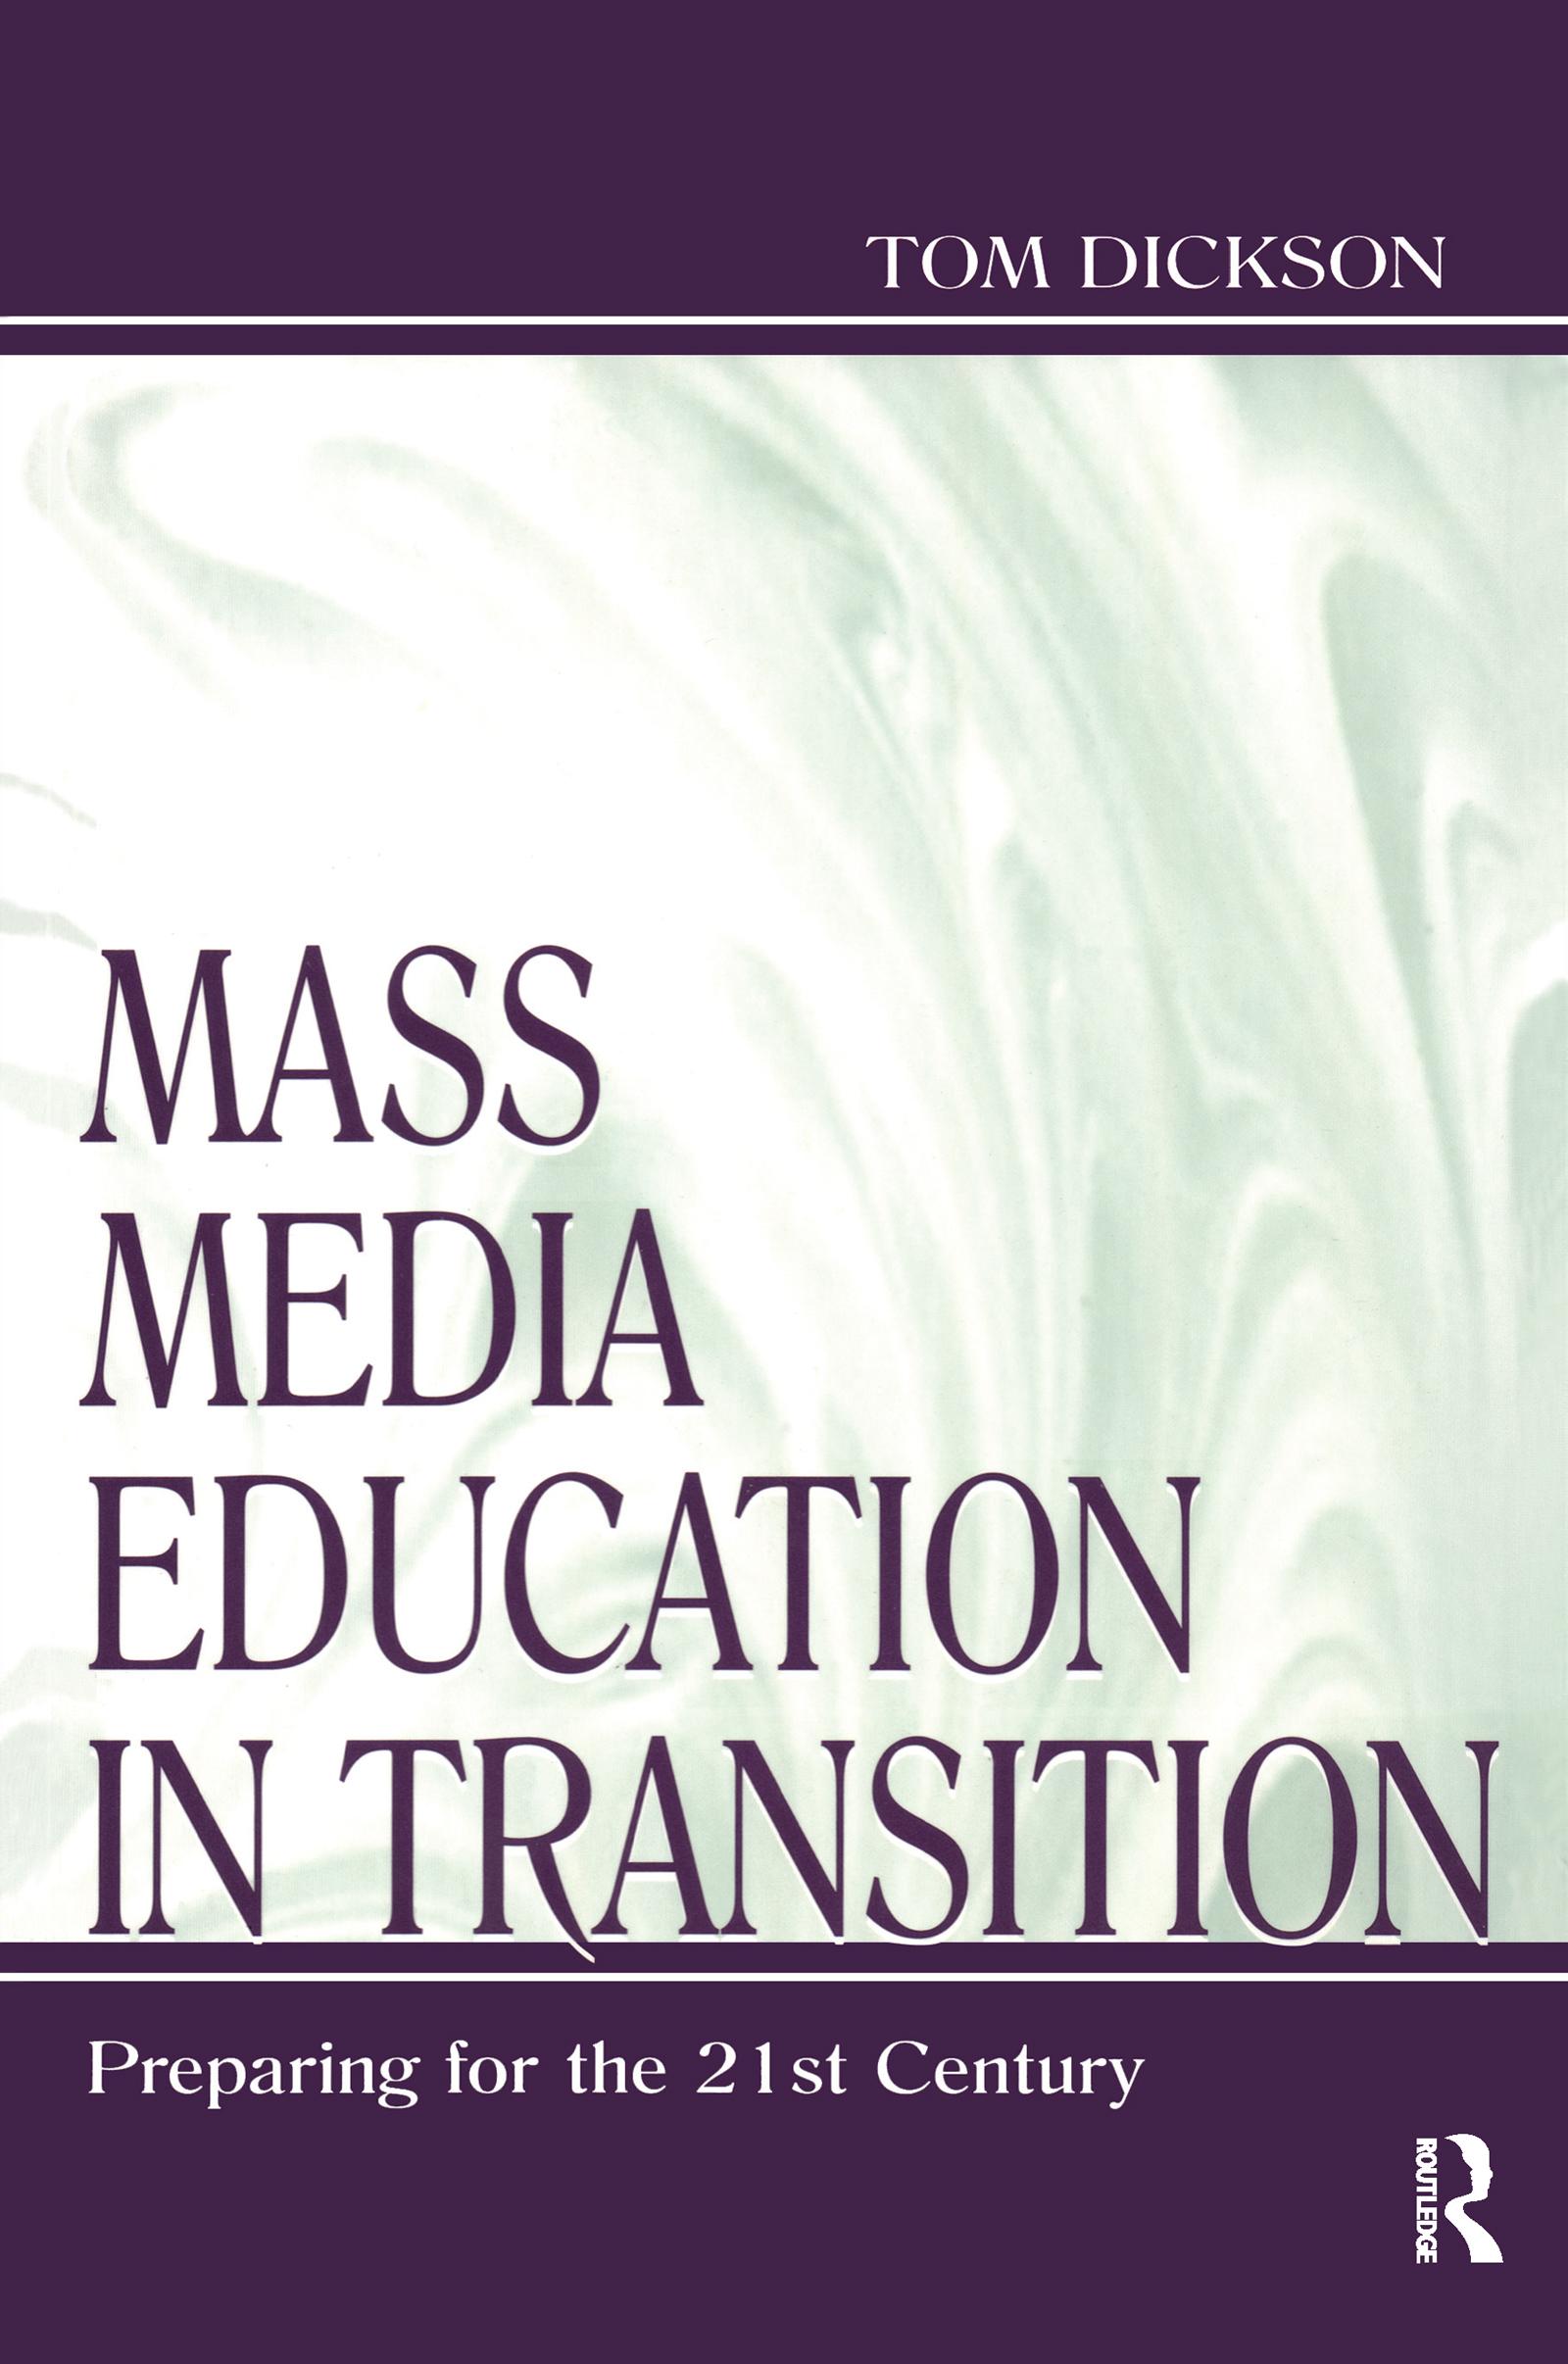 Mass Media Education in Transition